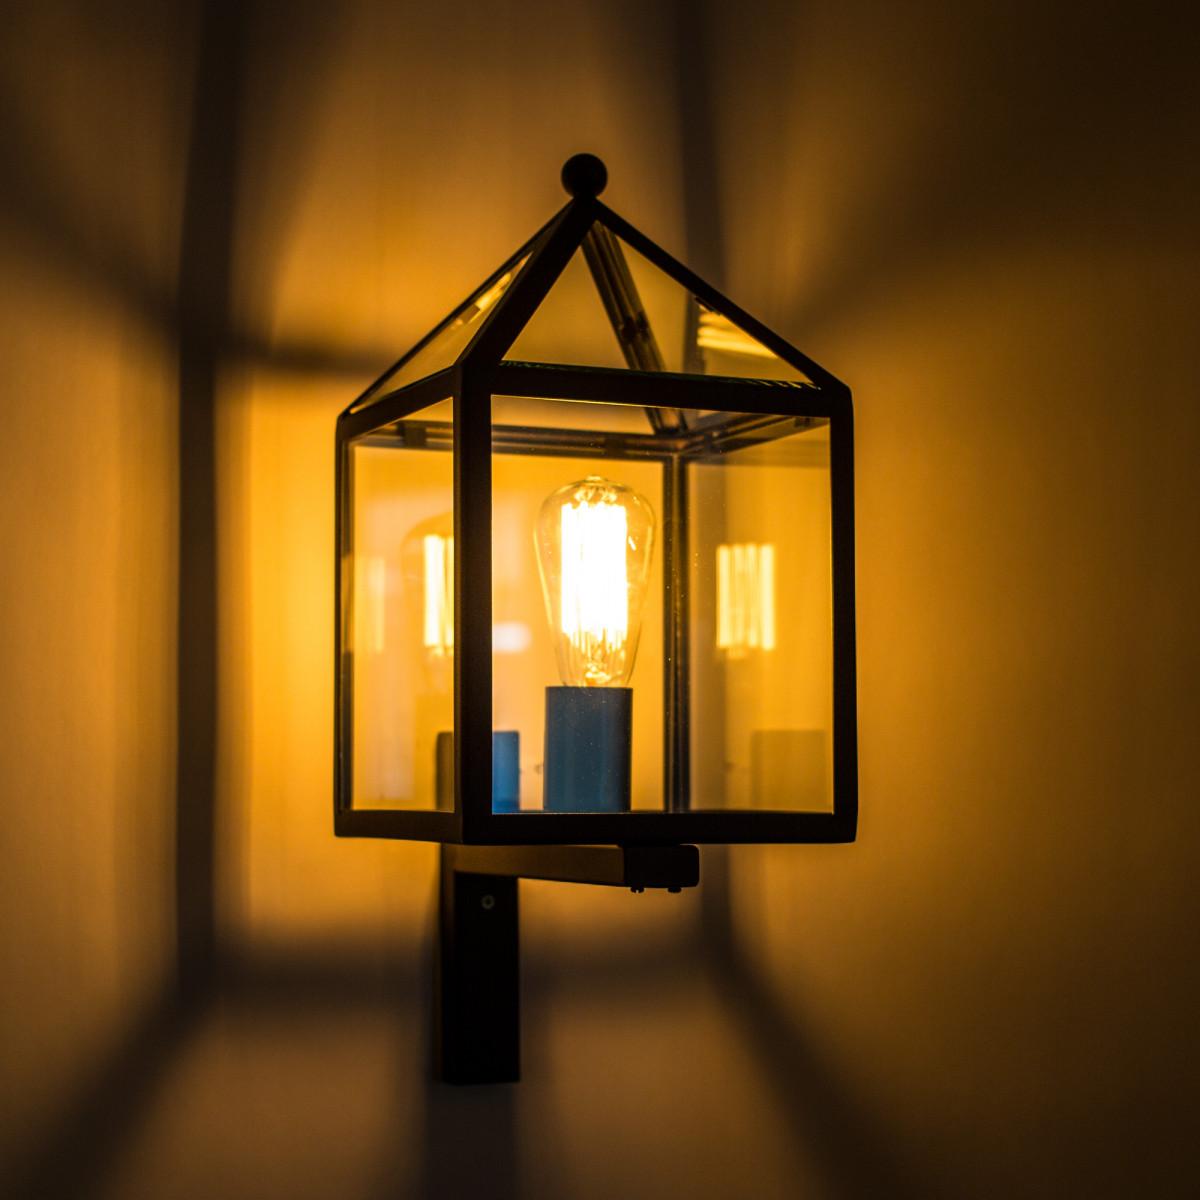 Buitenlamp huisjes model, zwart RVS frame, heldere beglazing, stijlvolle gevelverlichting,  KS kwaliteitsverlichting